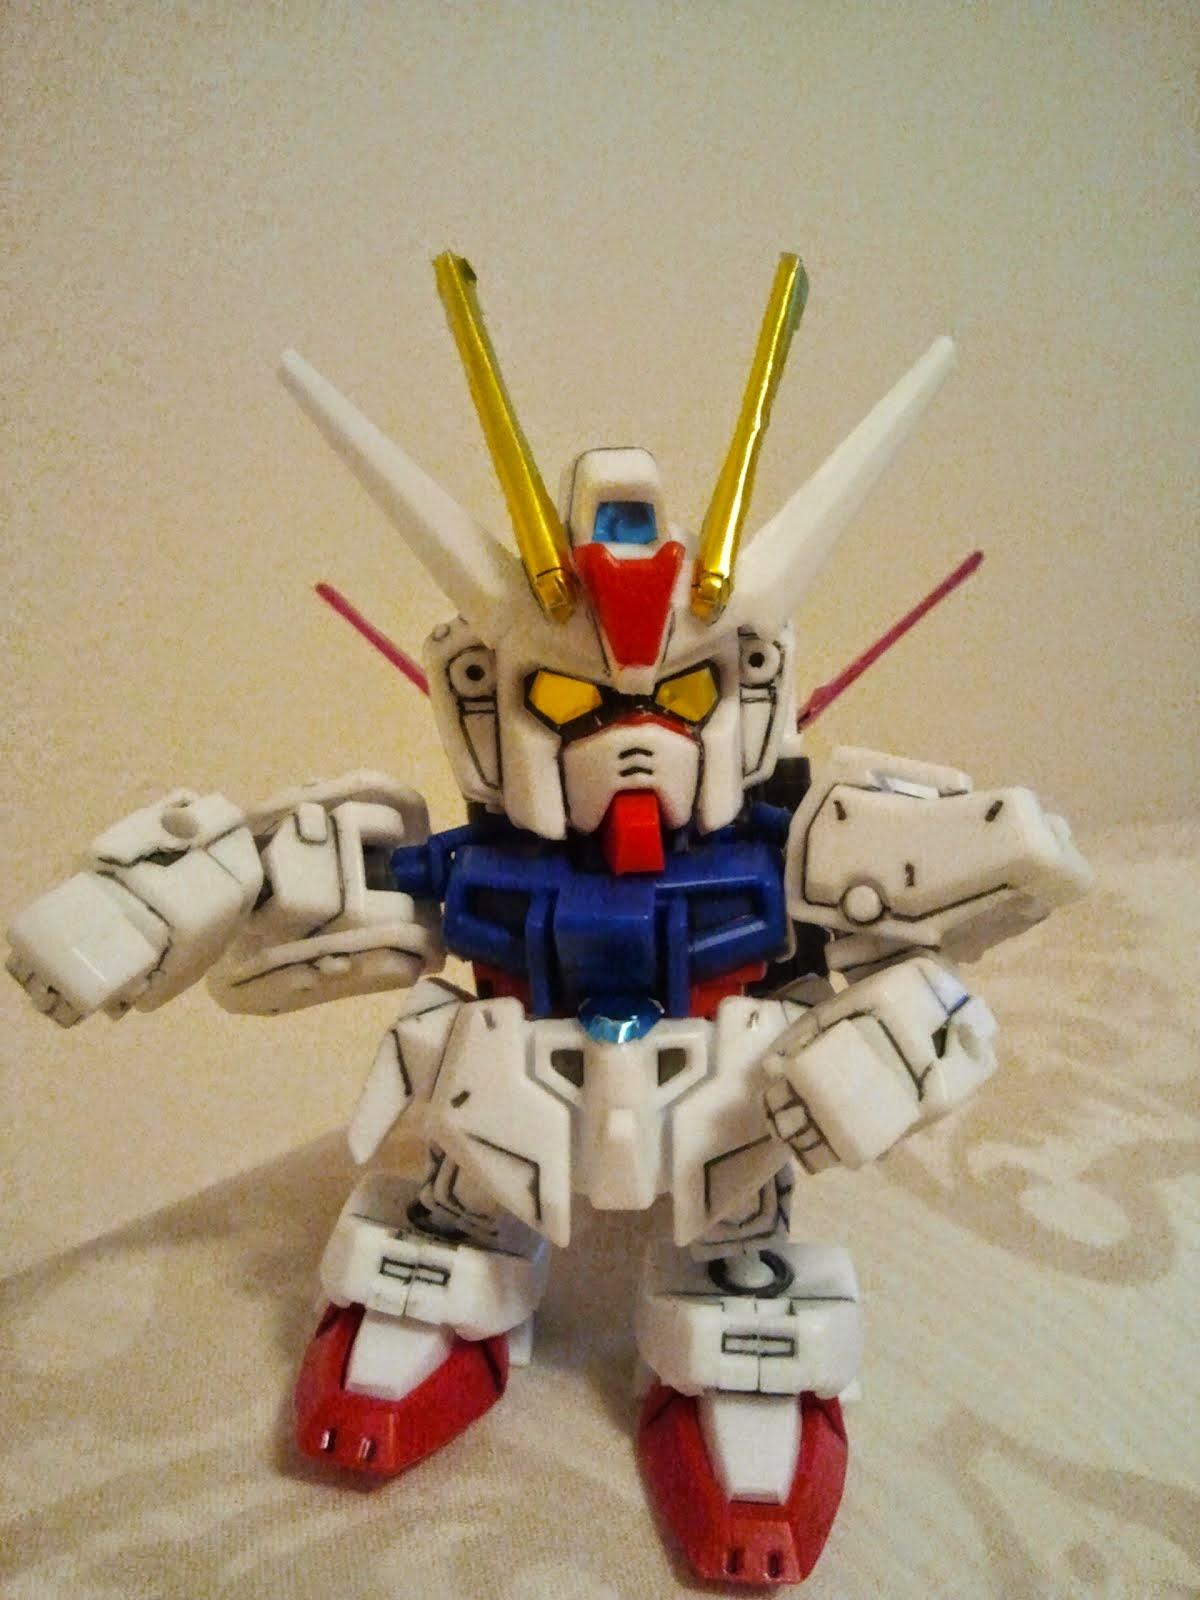 GANDAMUUUUUUUUU!! (Gundam!)